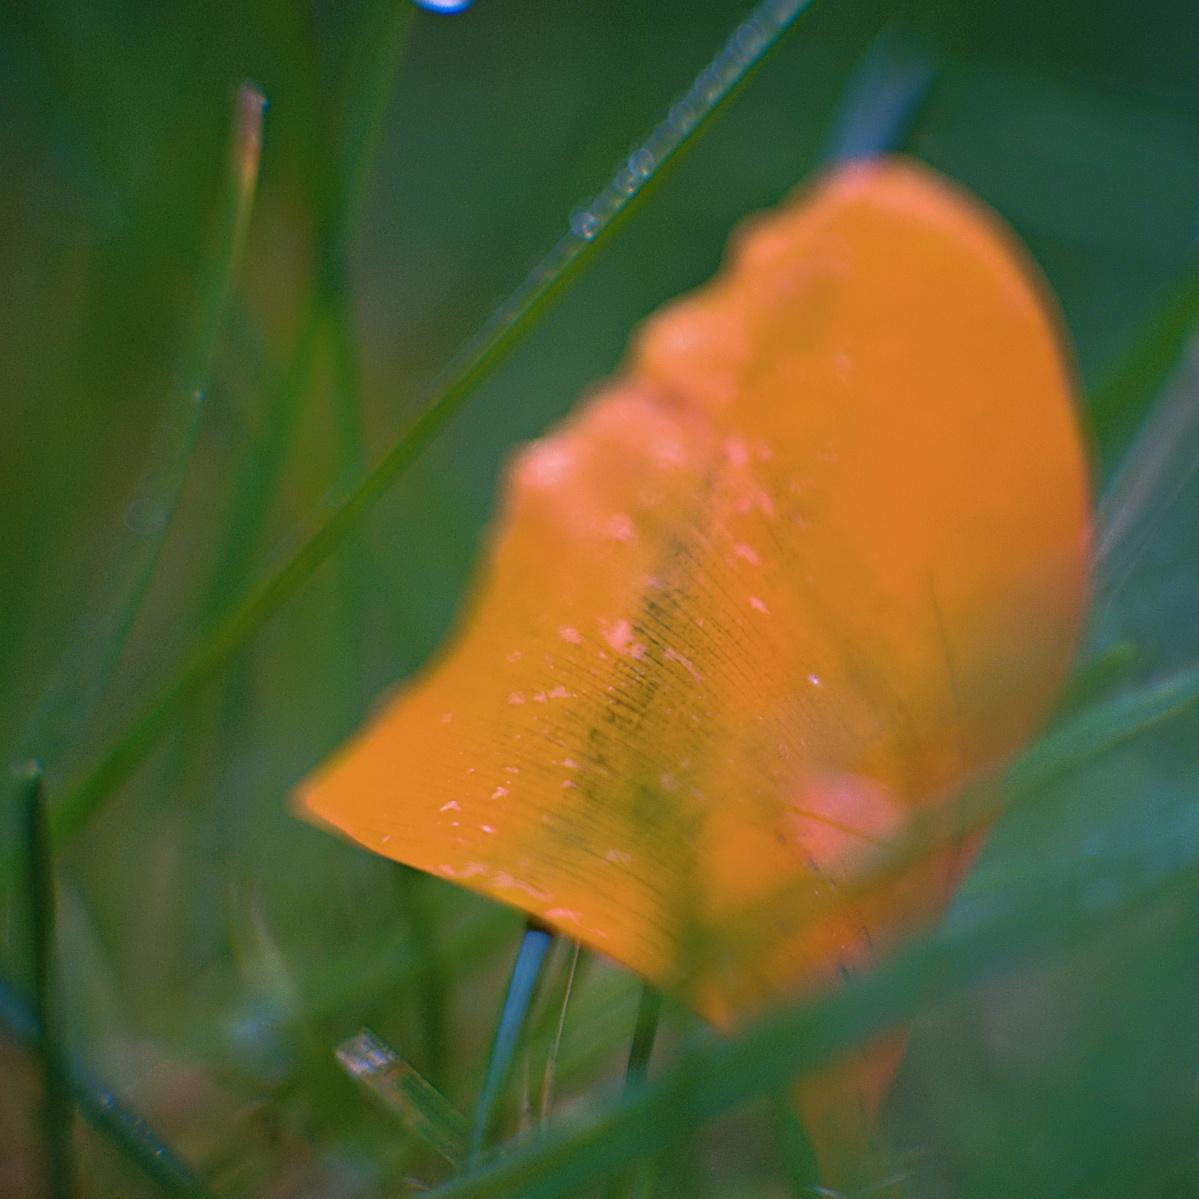 #294 ASTRO-KINO-COLOR V f1.5 50mm – Abgefallenes Blütenblatt